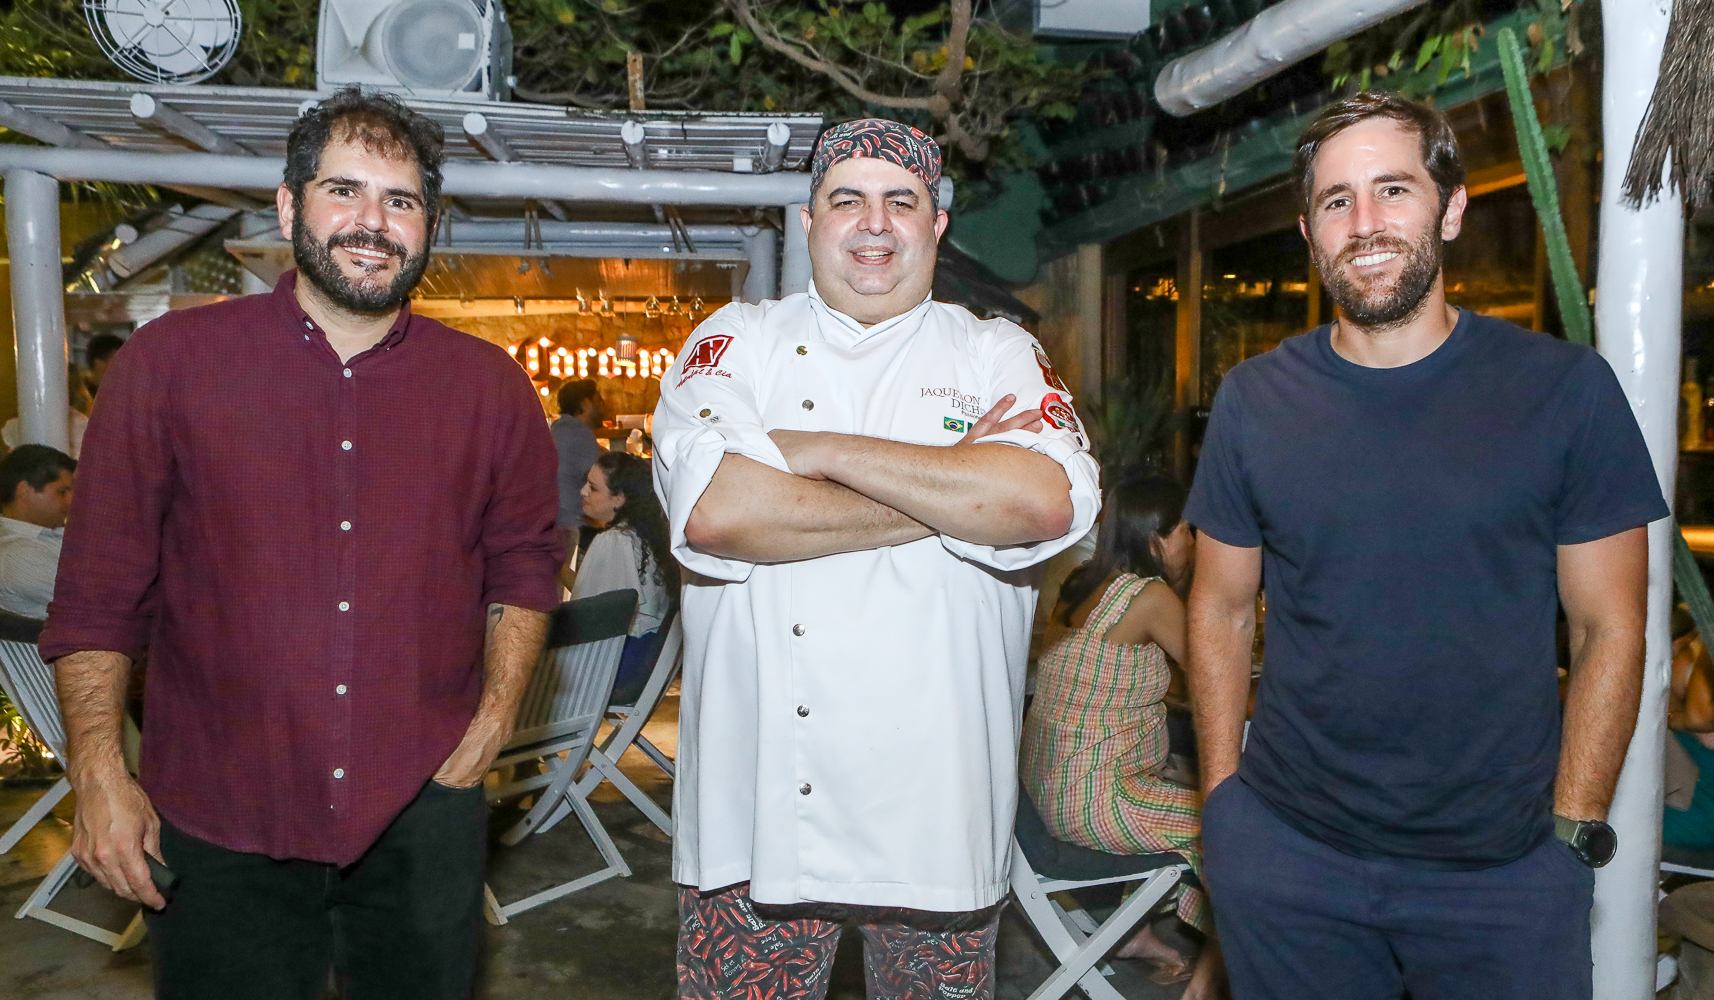 Com uma verdadeira experiência gastronômica, Forneria São Cosme inicia as operações no Colosso Fortaleza